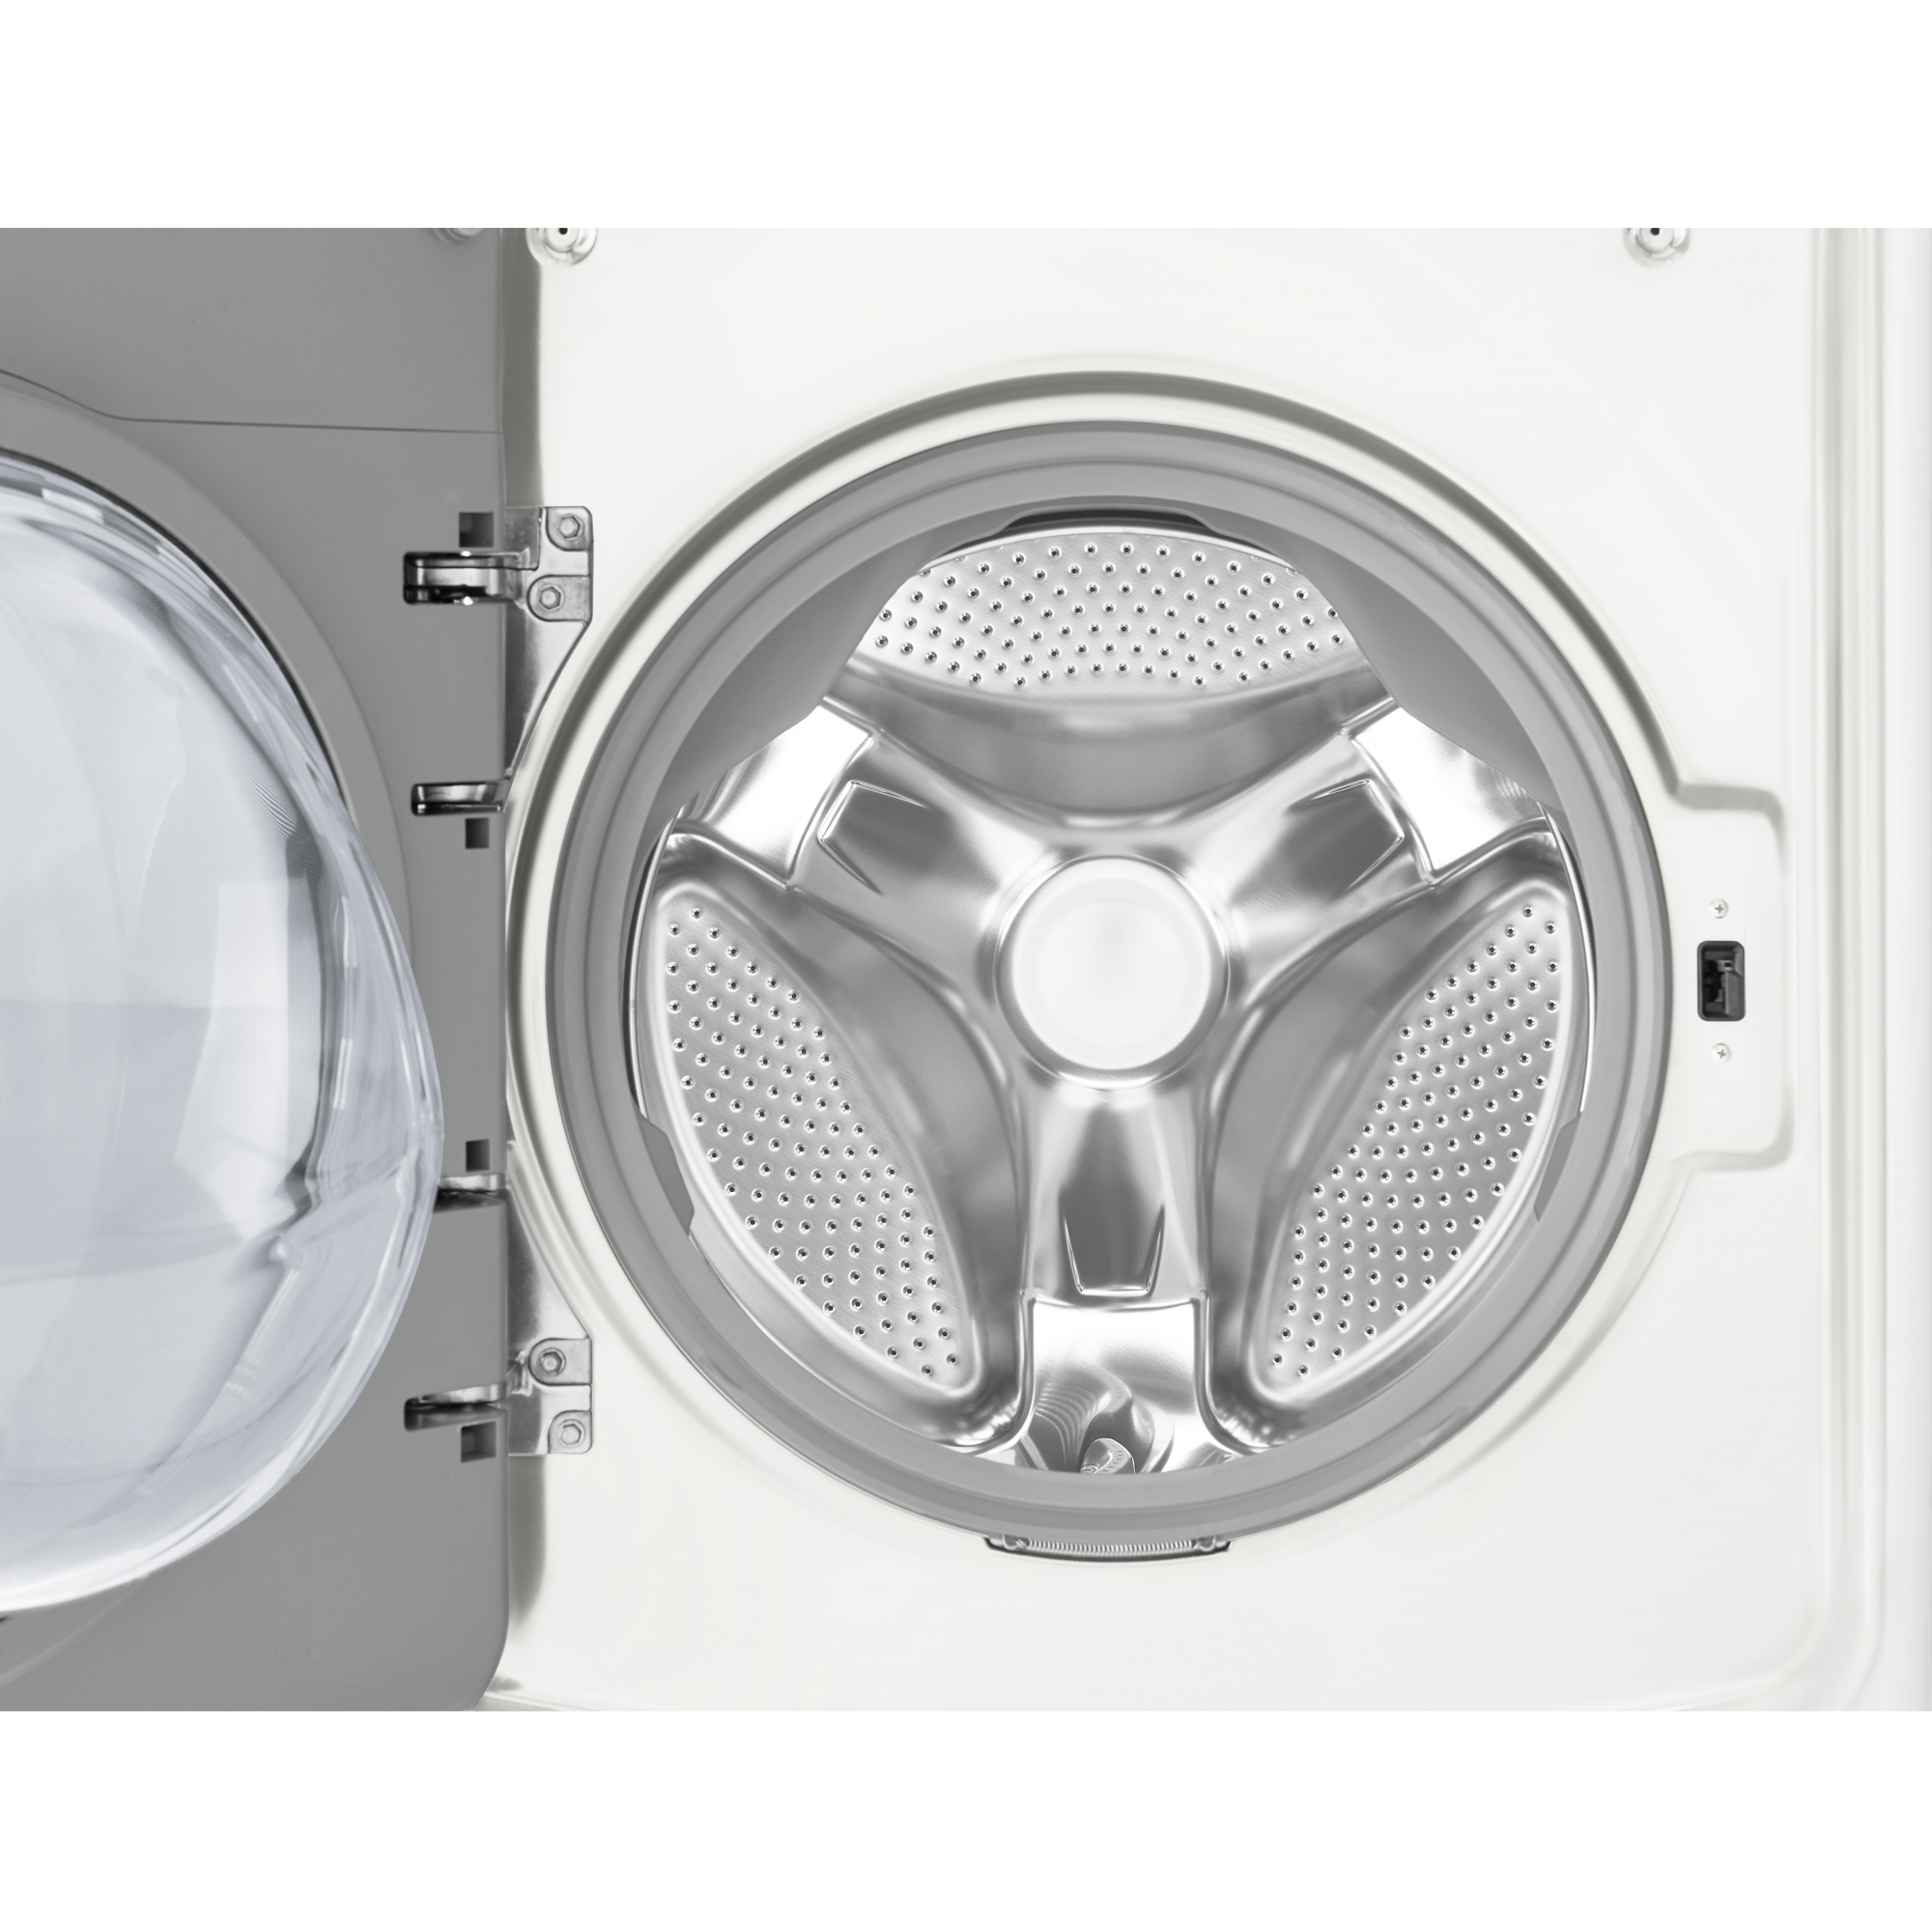 LG WM5000HWA 4.5 cu. ft. Ultra-Large Capacity Front Load Washer w/ TurboWash® Technology – White